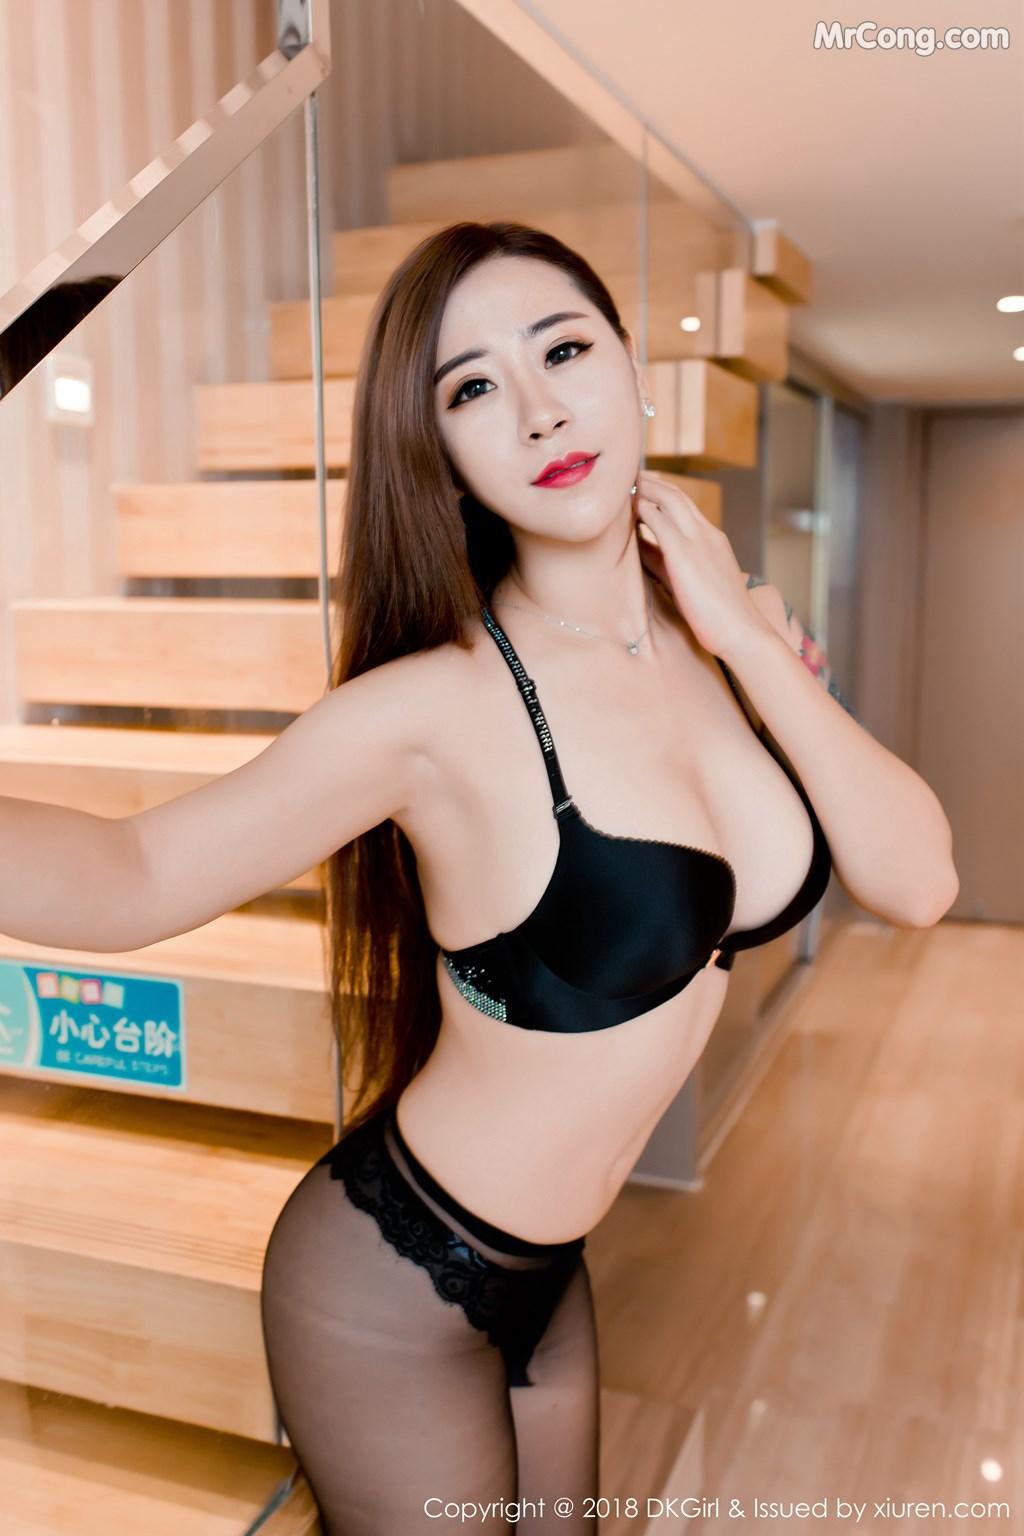 Image DKGirl-Vol.086-Cier-MrCong.com-006 in post DKGirl Vol.086: Người mẫu 雪儿Cier (47 ảnh)